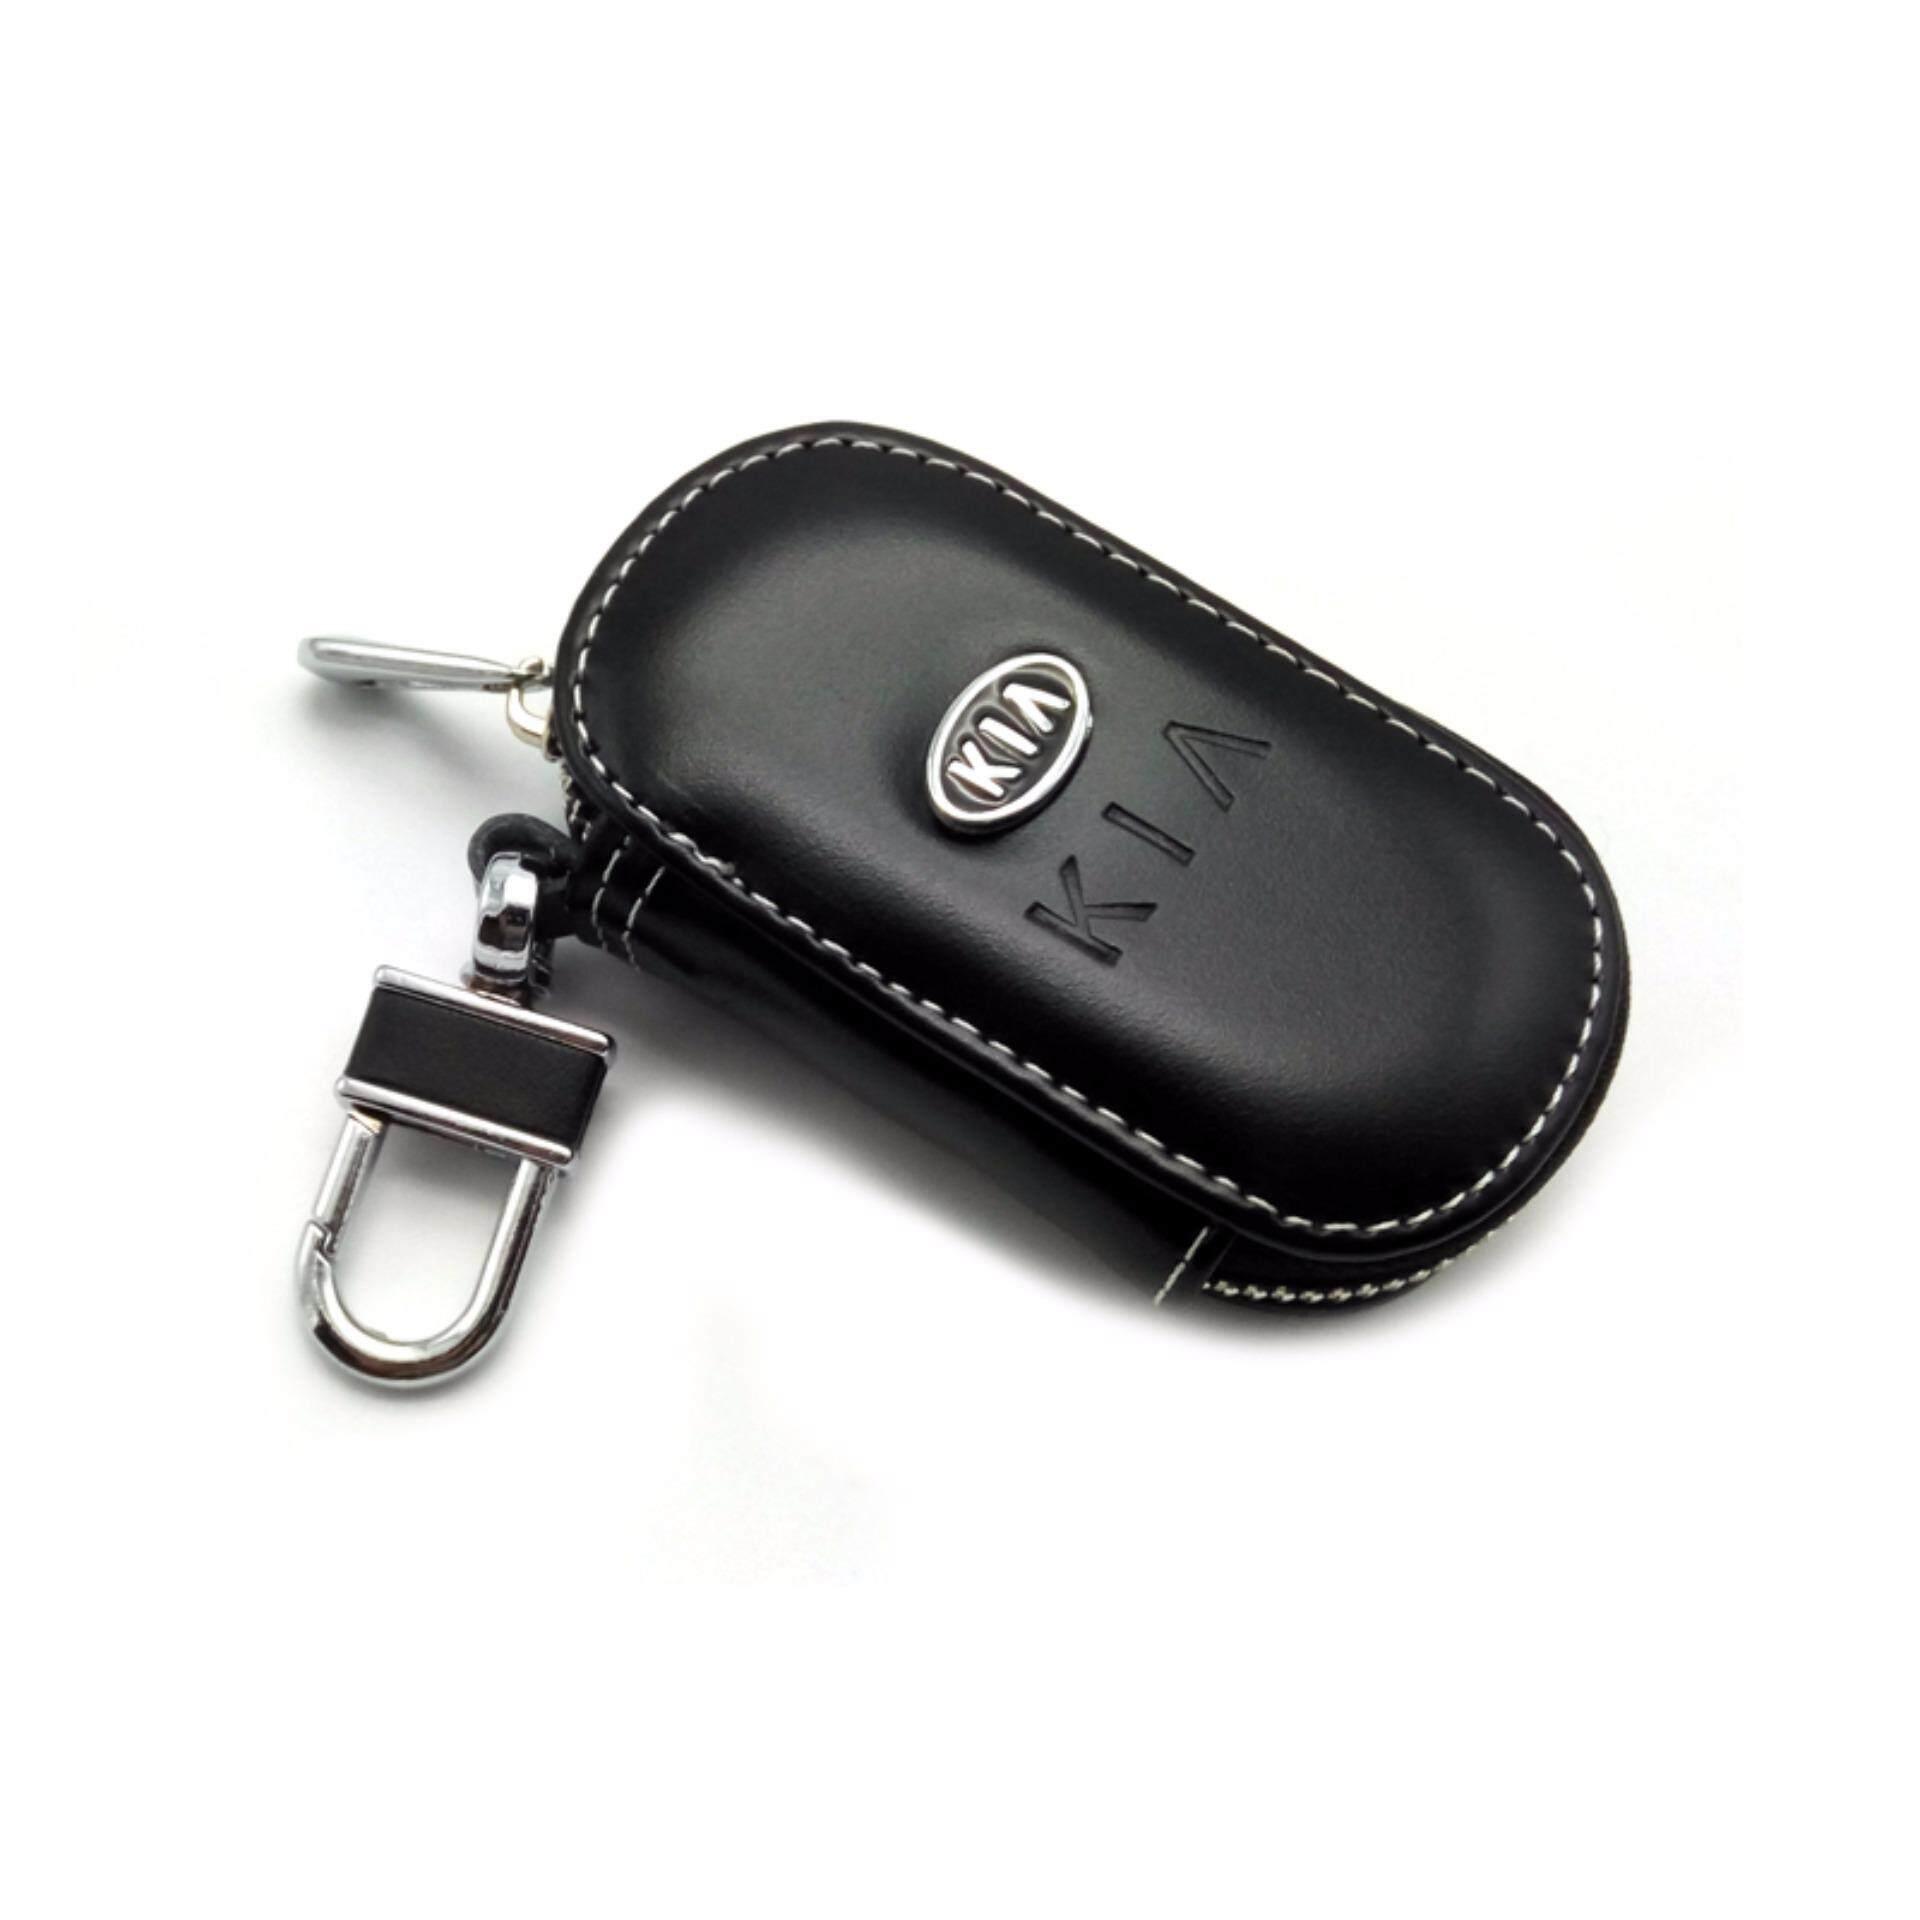 1 Pcs Pengemudi Mobil Kunci Tas Hitam Kulit Kartu Kredit Tas untuk KIA Mobil Logo-Internasional